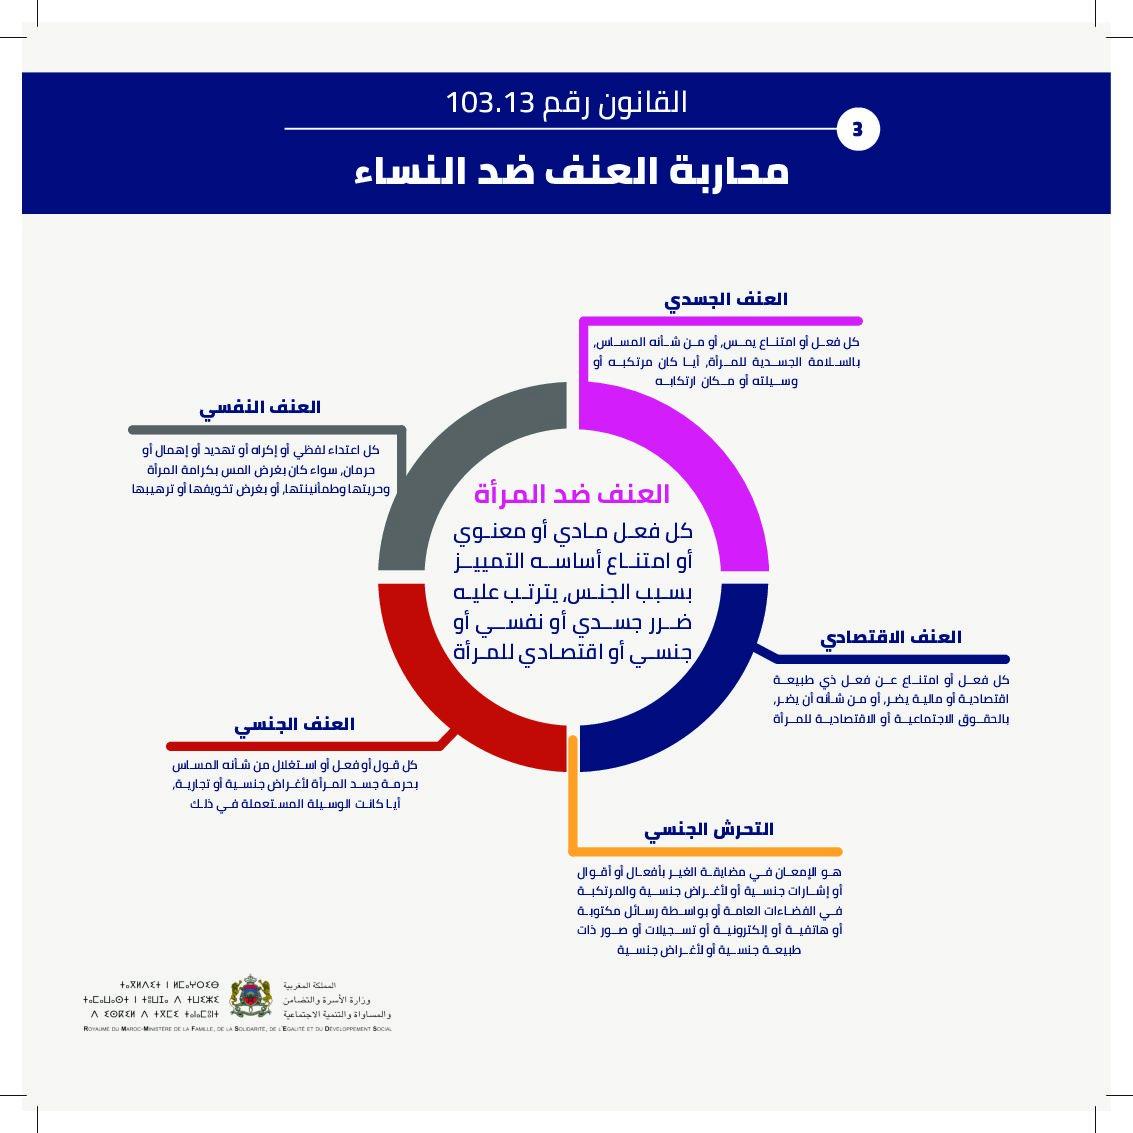 نظم الحماية الاجتماعية، الولوج للخدمات العمومية والبنيات المستدامة من أجل المساواة بين الجنسين وتمكين النساء والفتيات